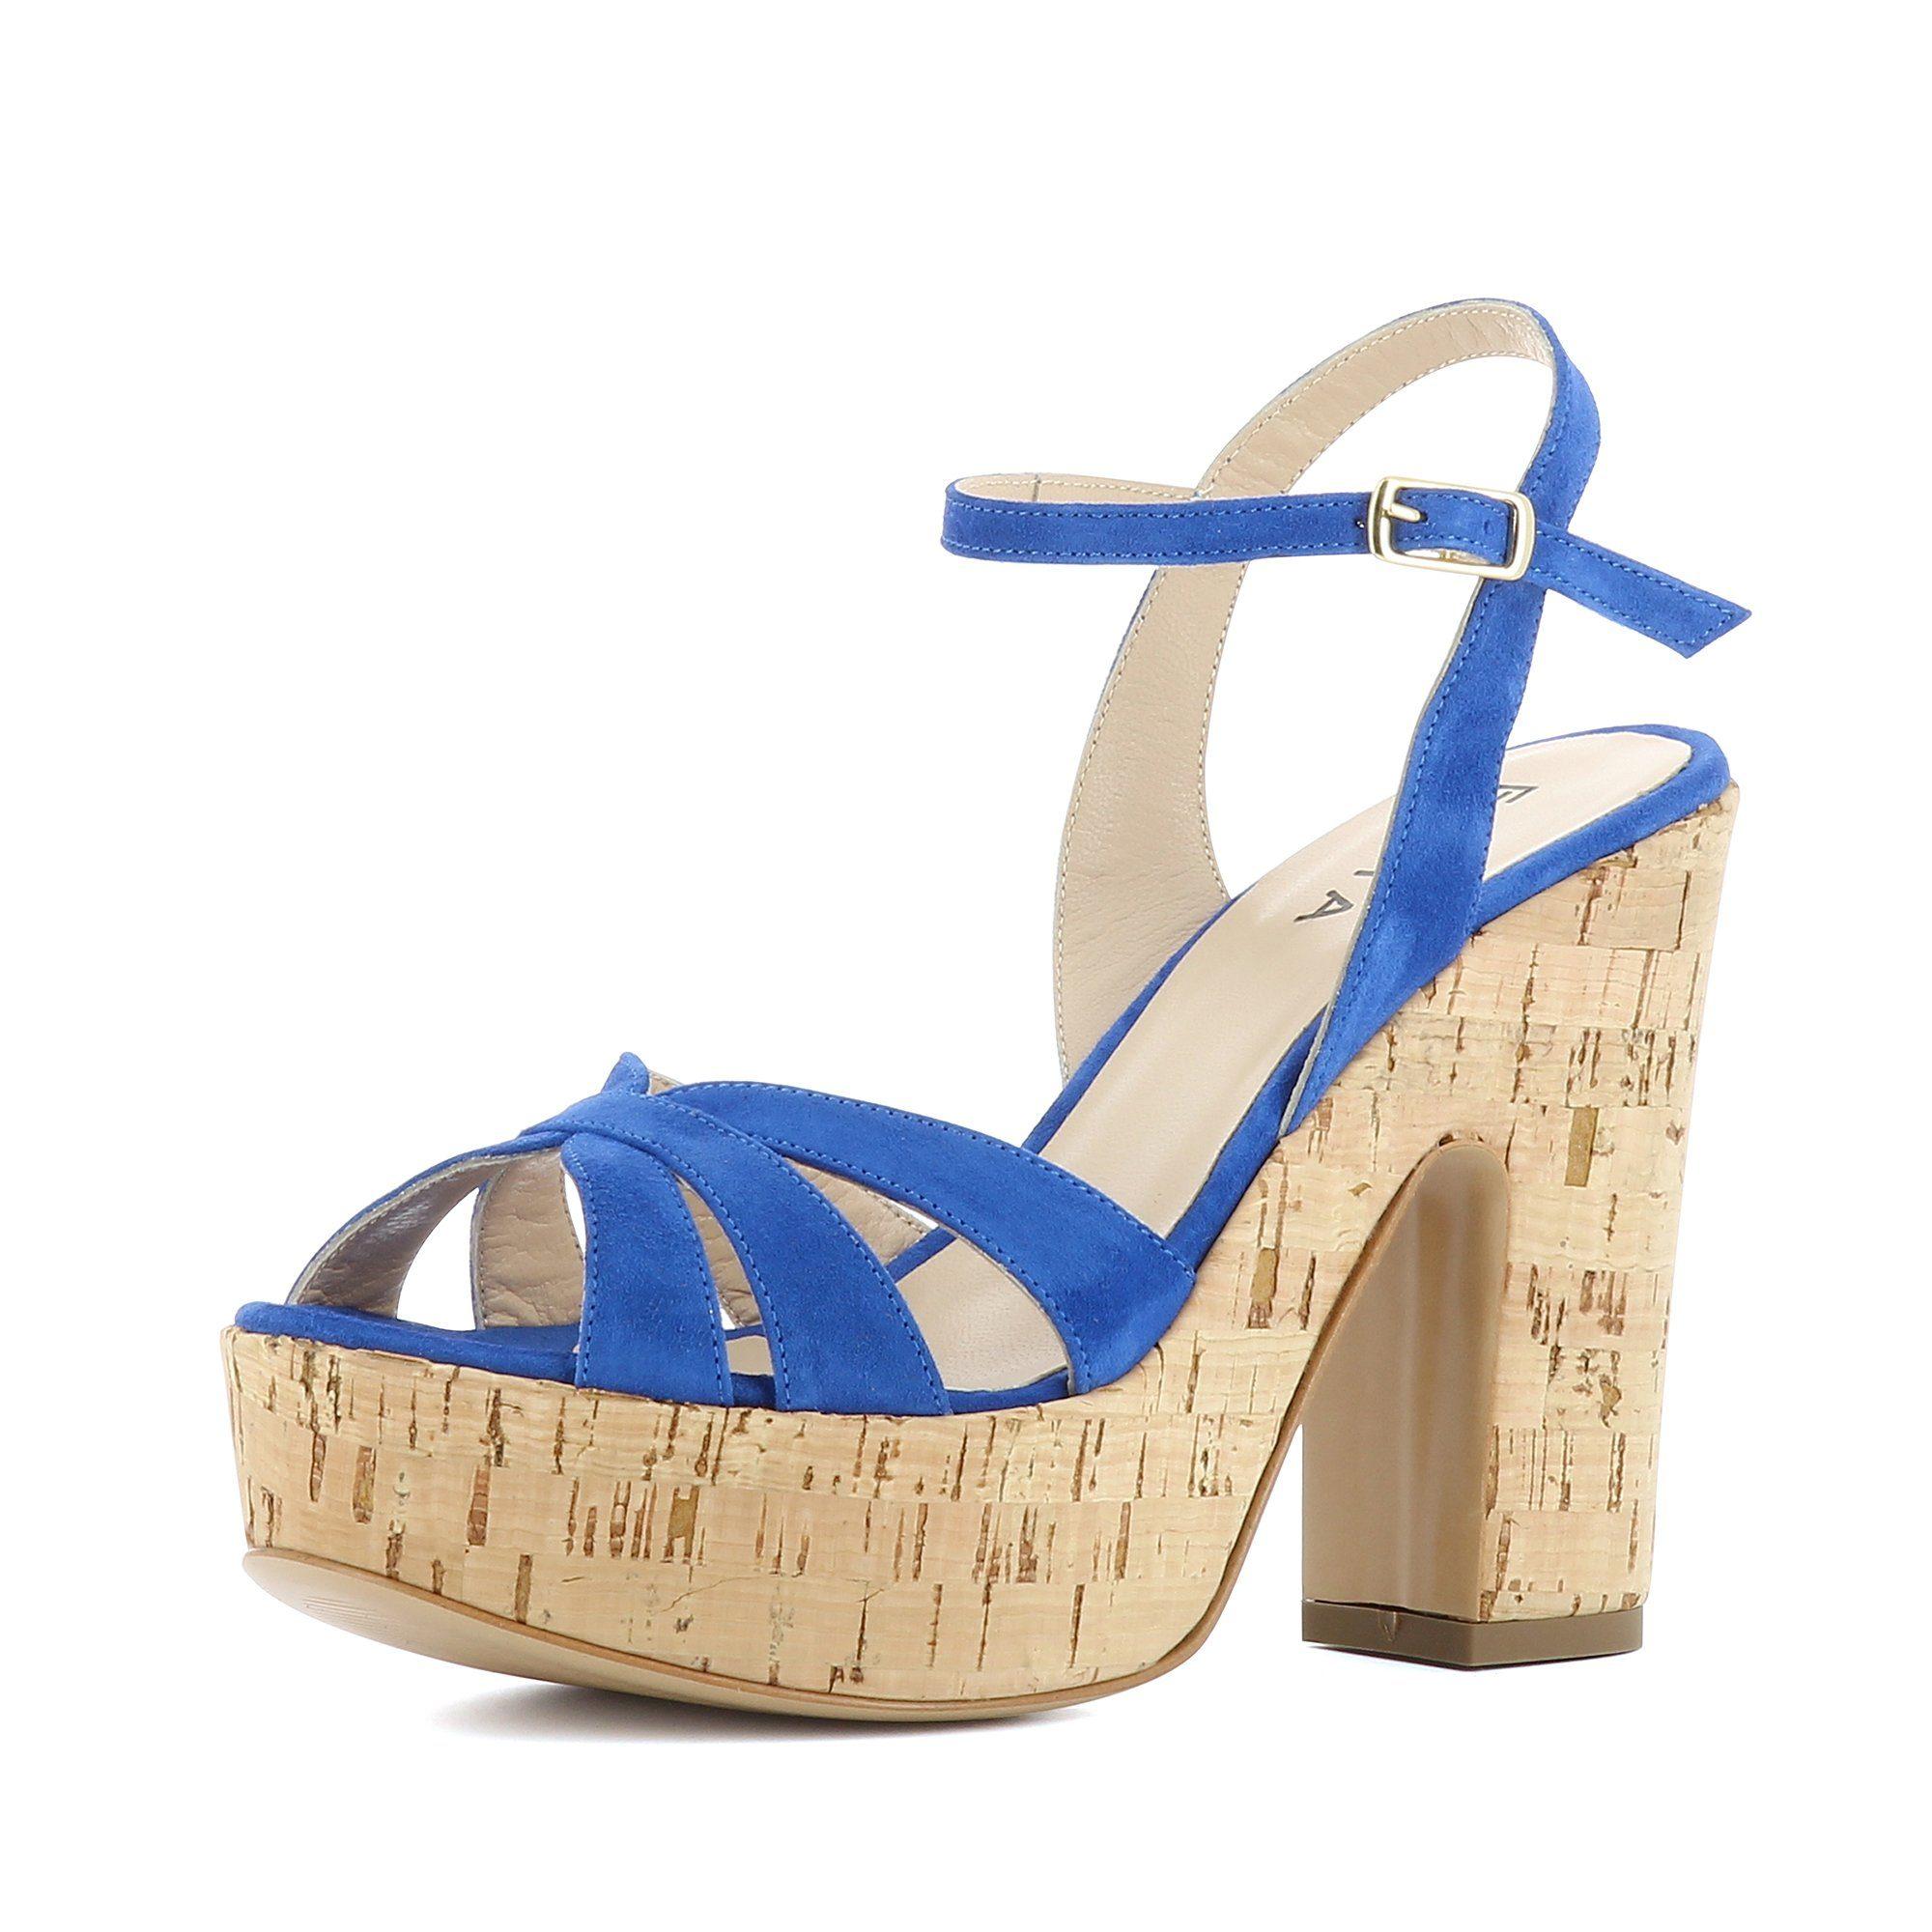 Evita LUNA Sandalette online kaufen  blau